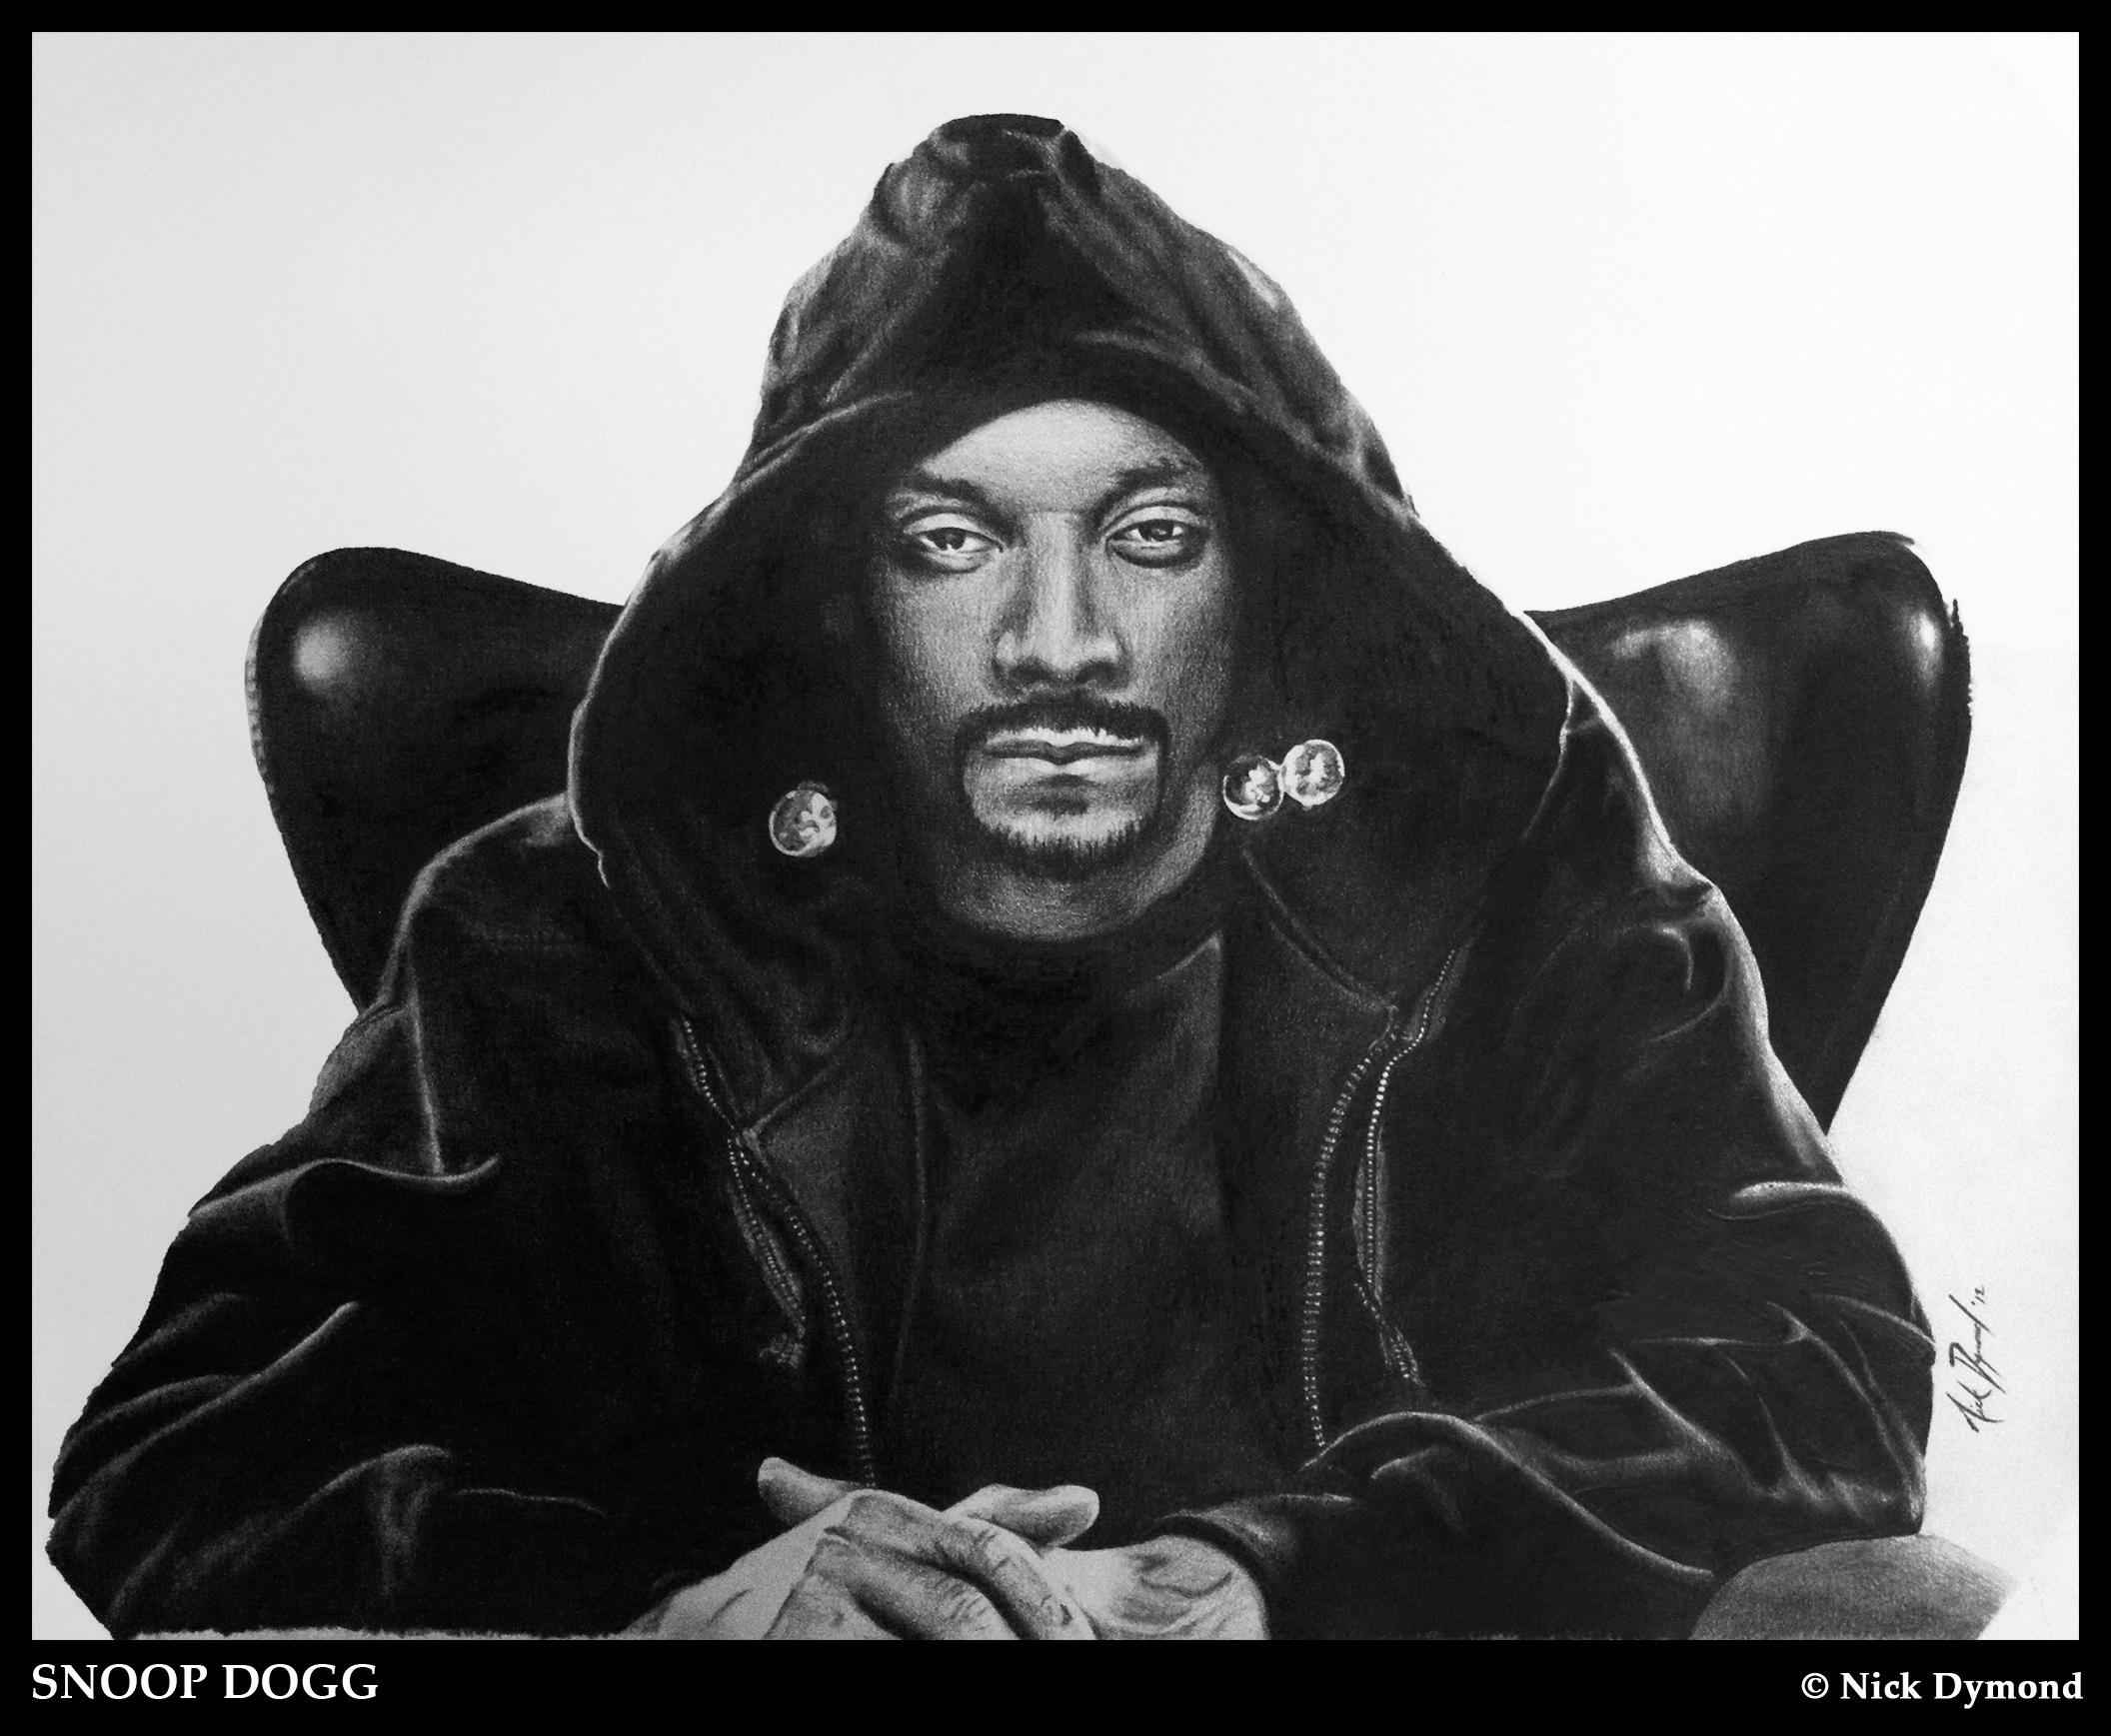 Снуп дог клип с порно, Snoop Dogg So Sexy клип песни смотреть онлайн 17 фотография